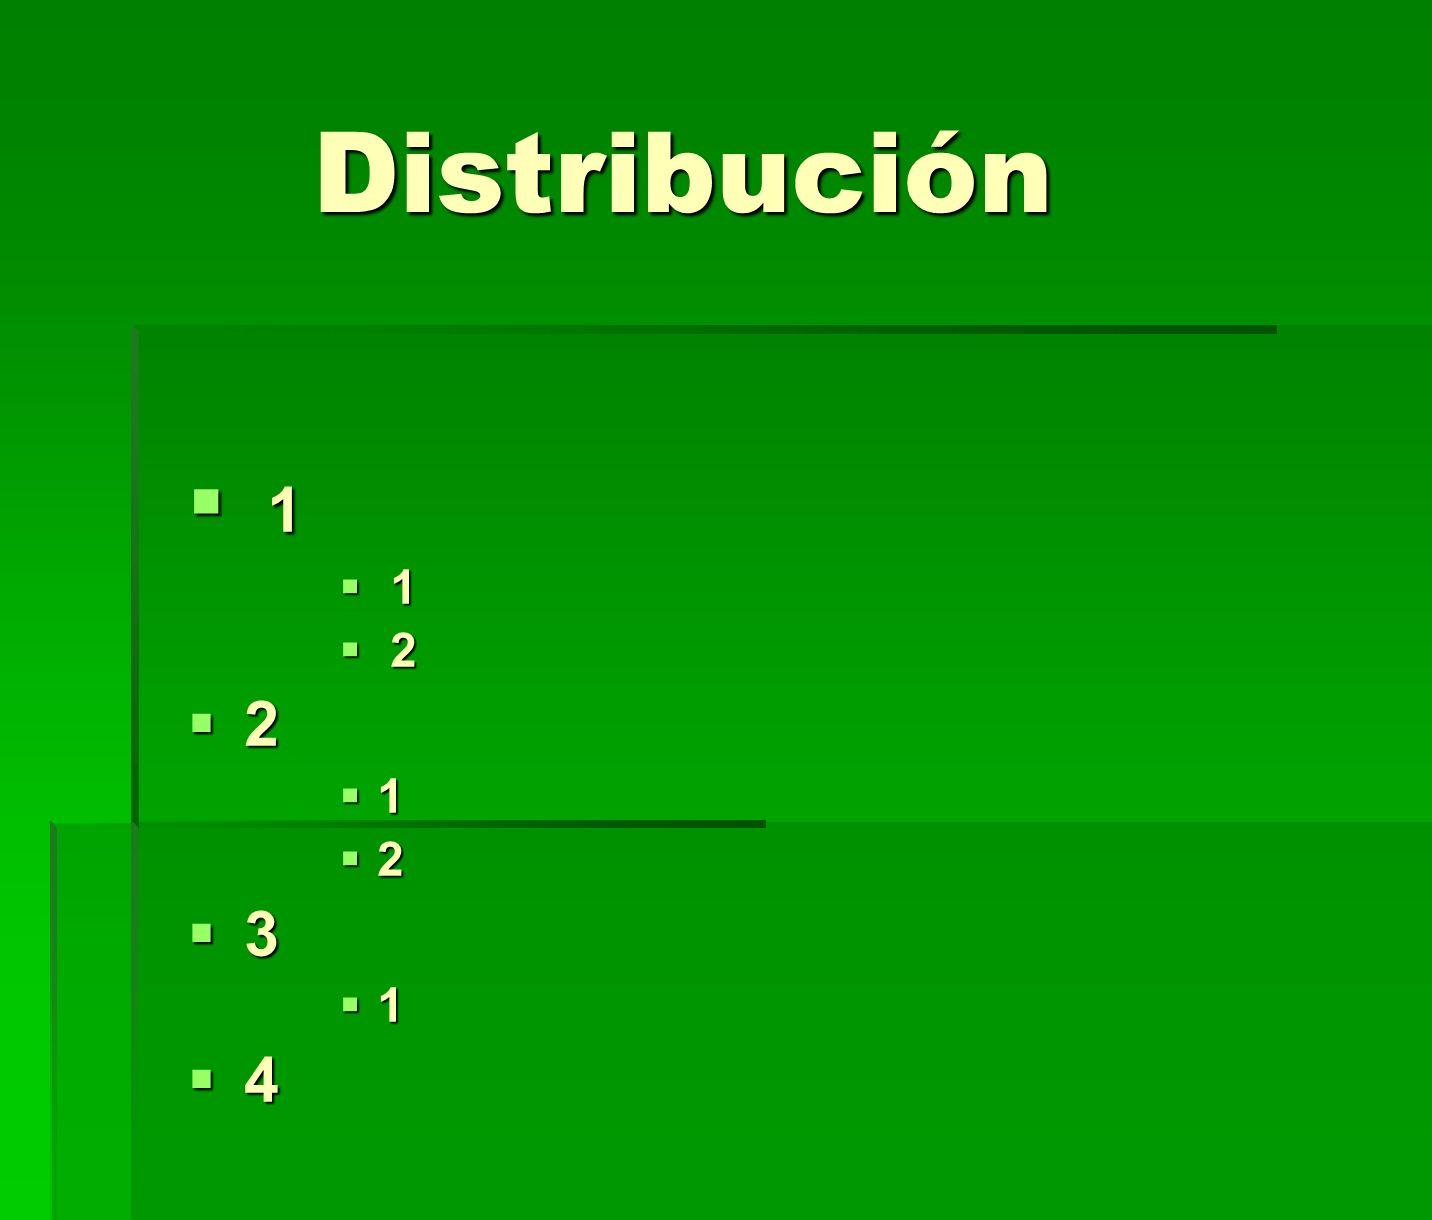 Distribución 1 1 2 2 2 1 2 3 1 4